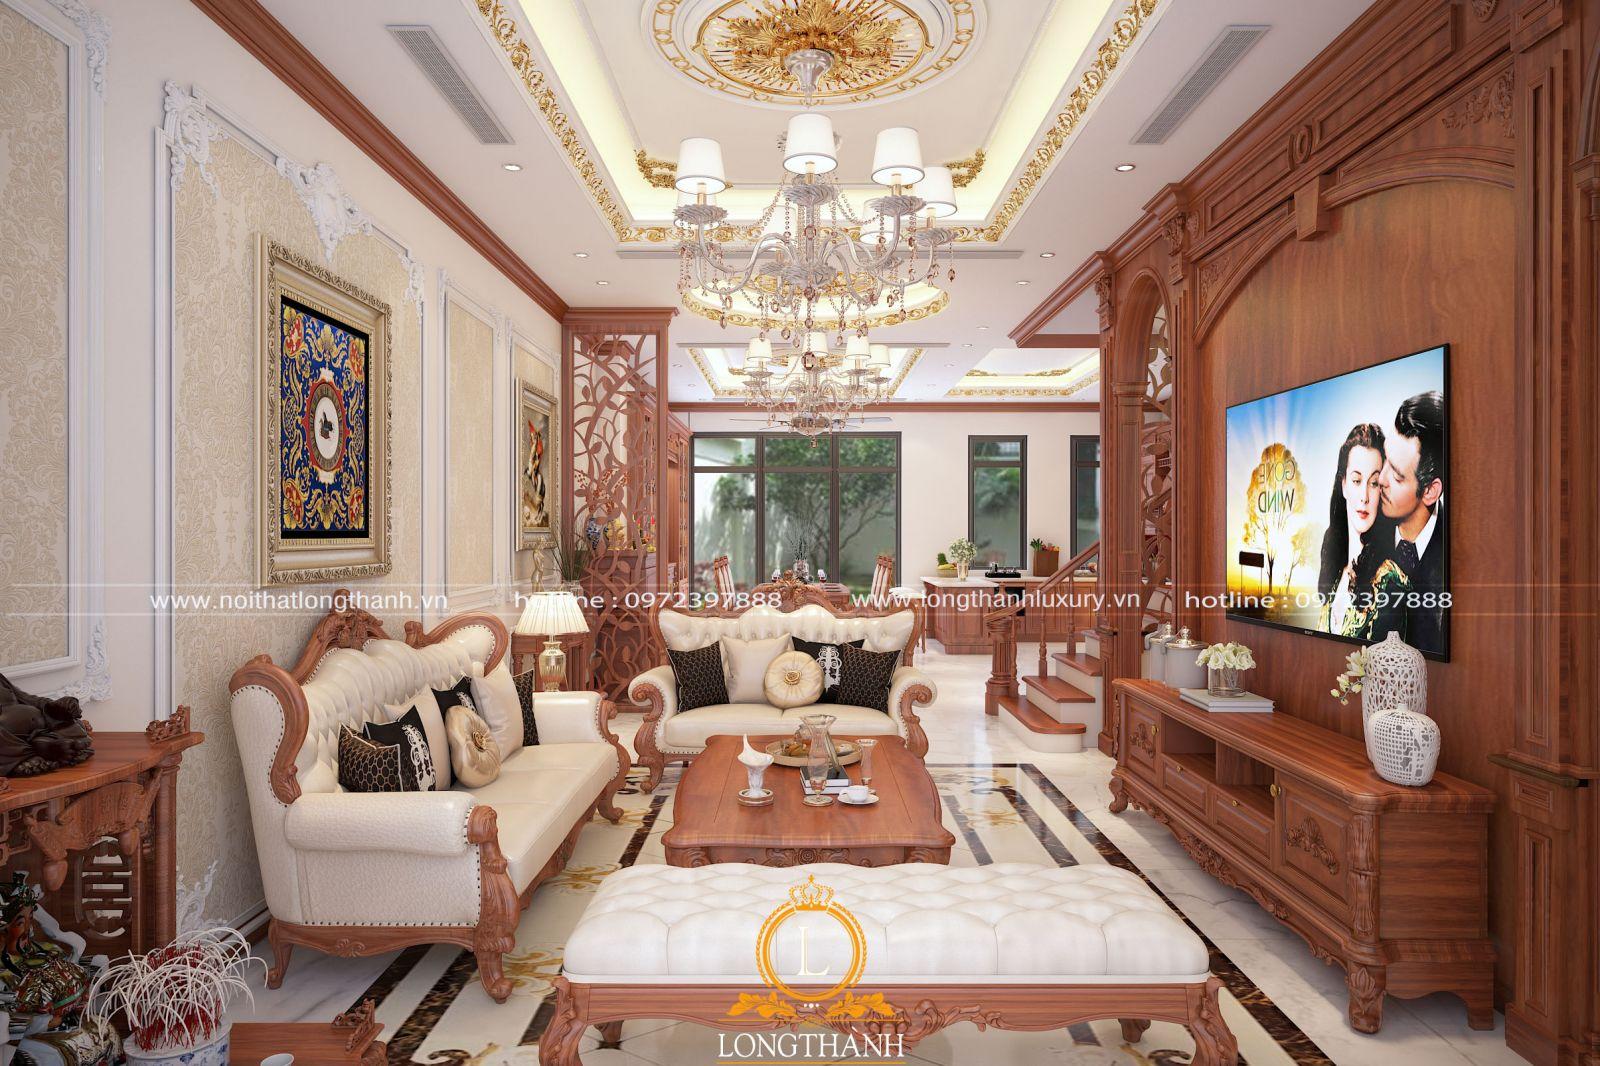 Thiết kế nội thất tân cổ điển cho nhà ống